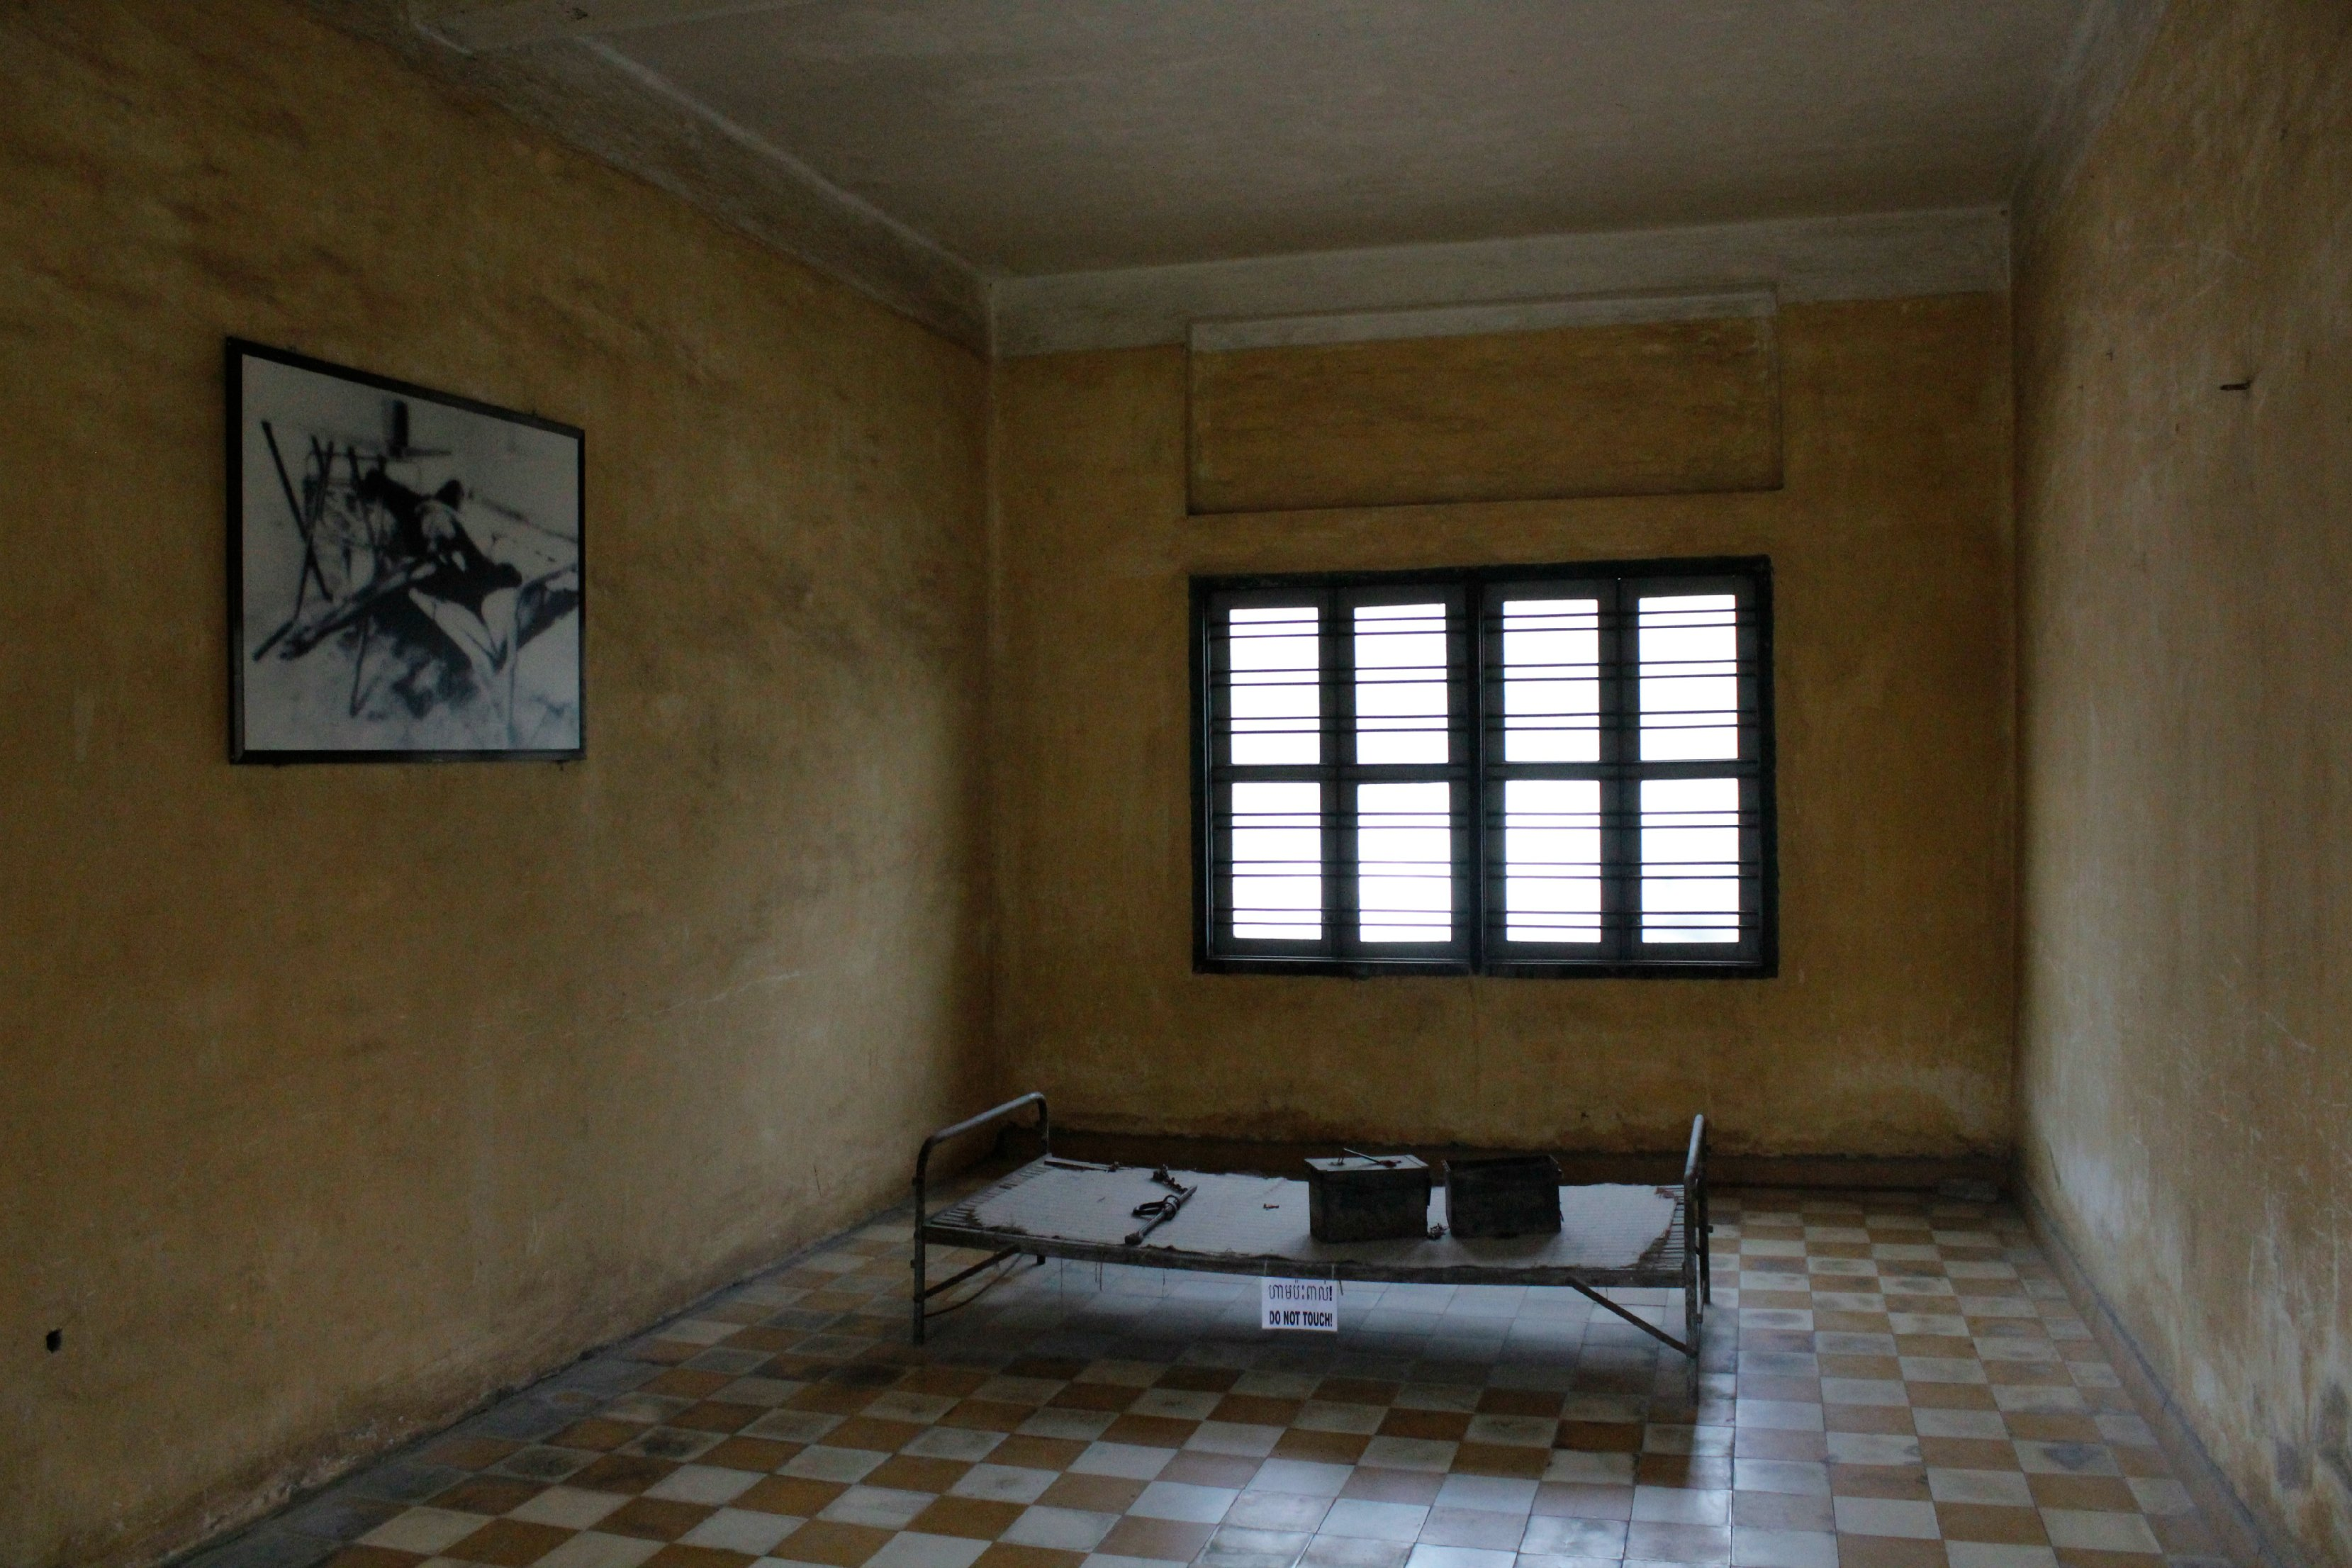 Horrible prison cells